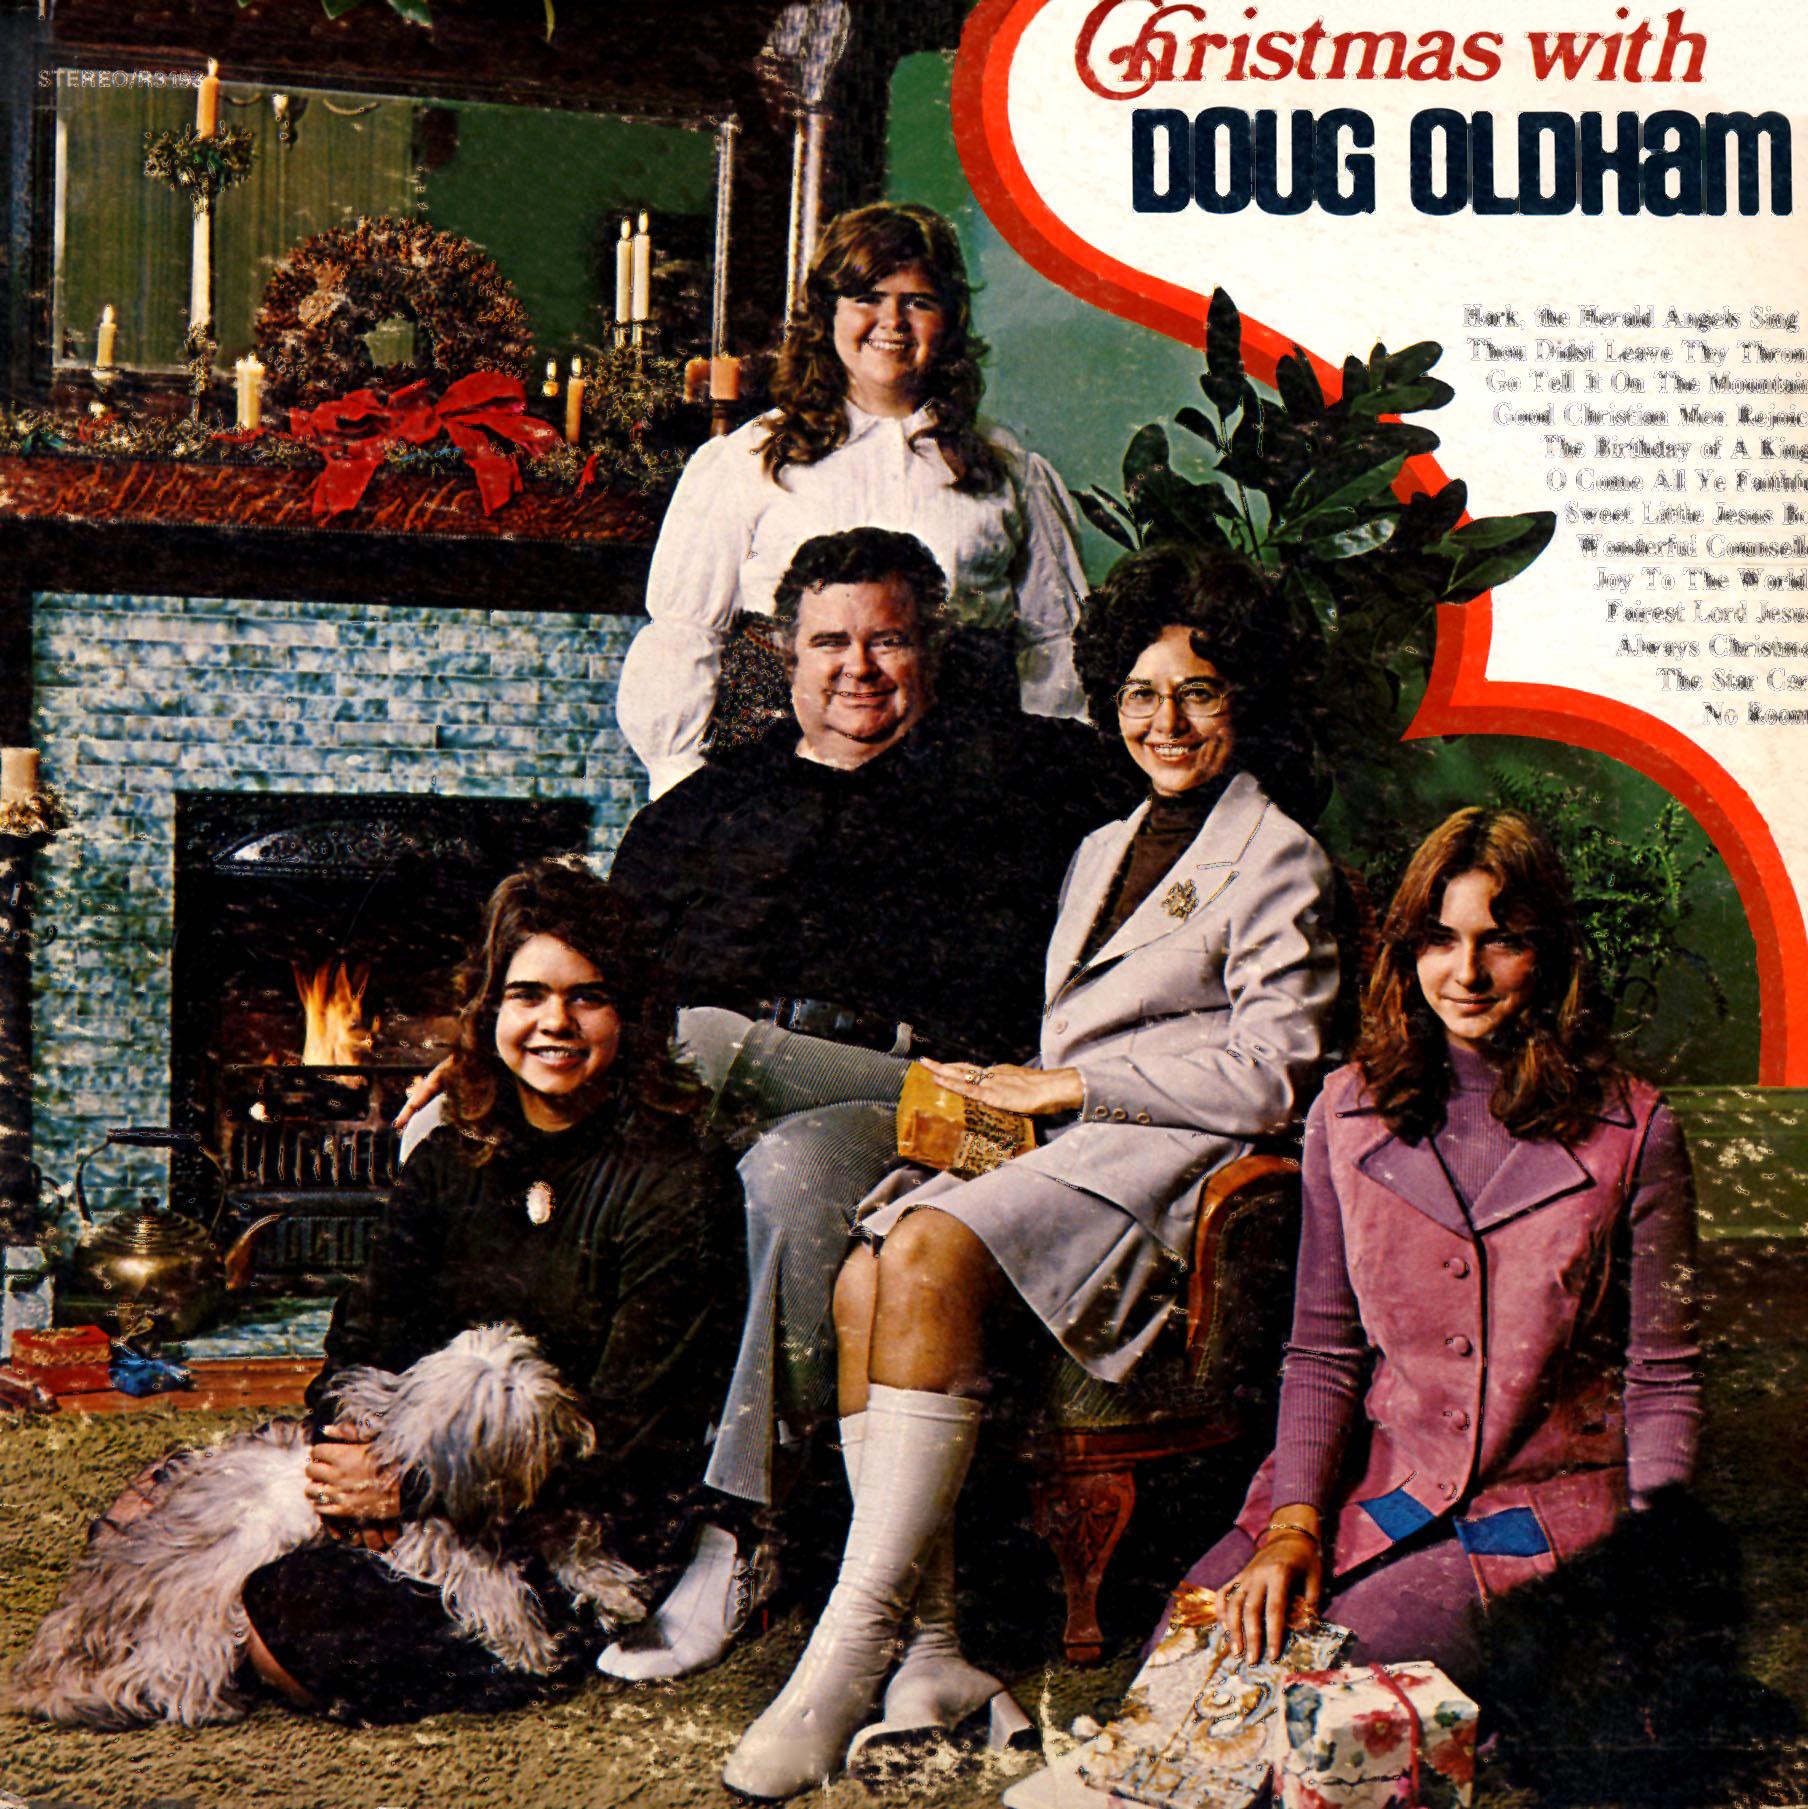 Oldham, Doug Christmas With